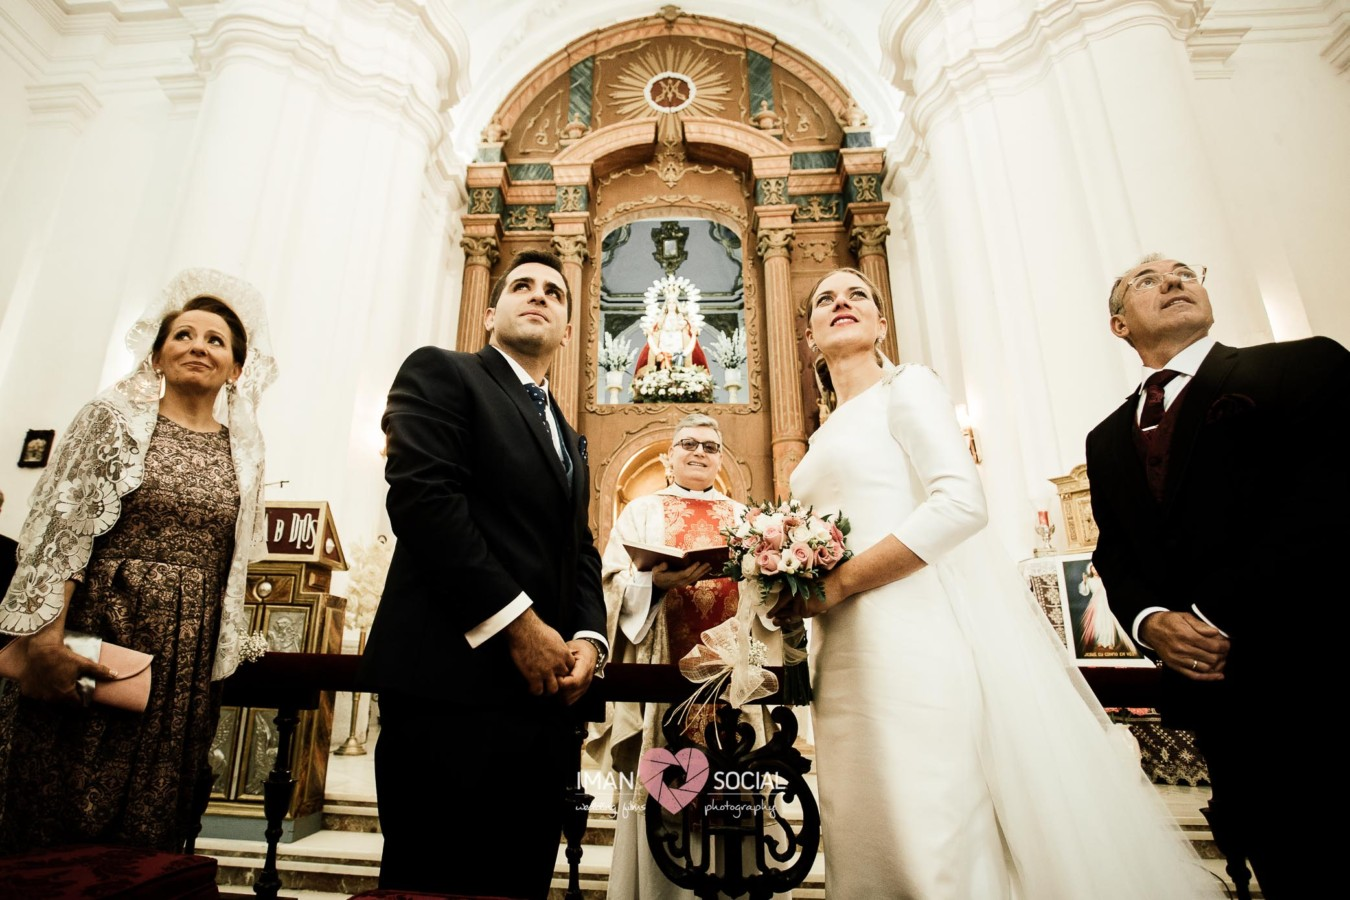 fotografo-de-boda-en-cordoba-sevilla-posadas-boda-auxi-y-antonio-27 Auxi & Antonio, primera boda de la temporada - video boda cordoba